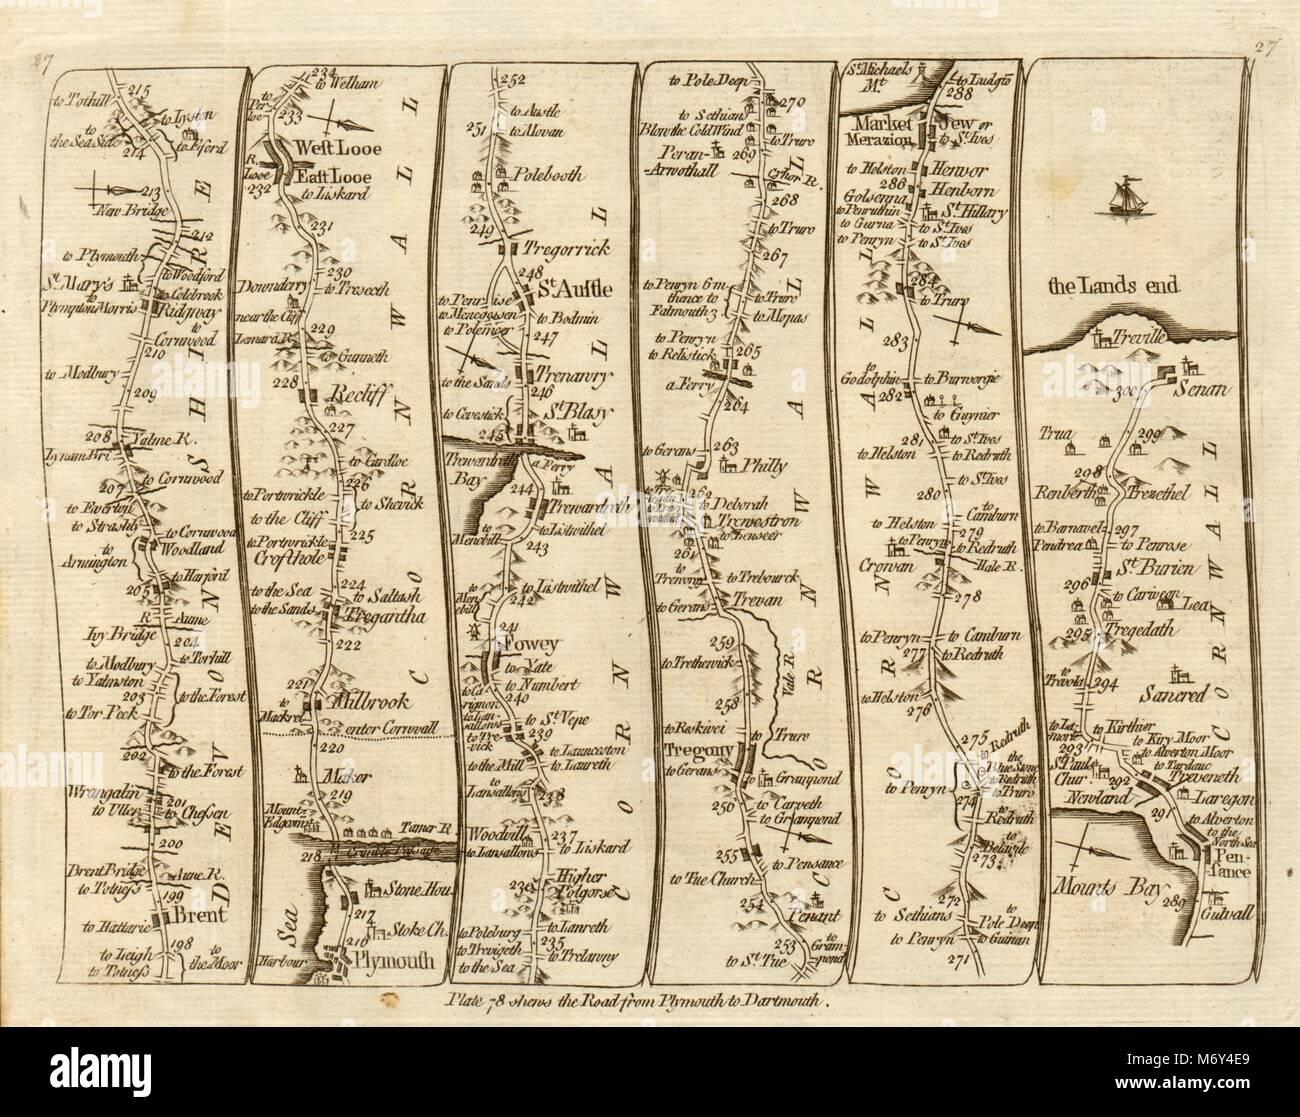 Kitchin Road Map 1767 Maps, Atlases & Globes Symbol Of The Brand Llanbadarn Fynydd Llanbister Llandewi Brecon Cardiff